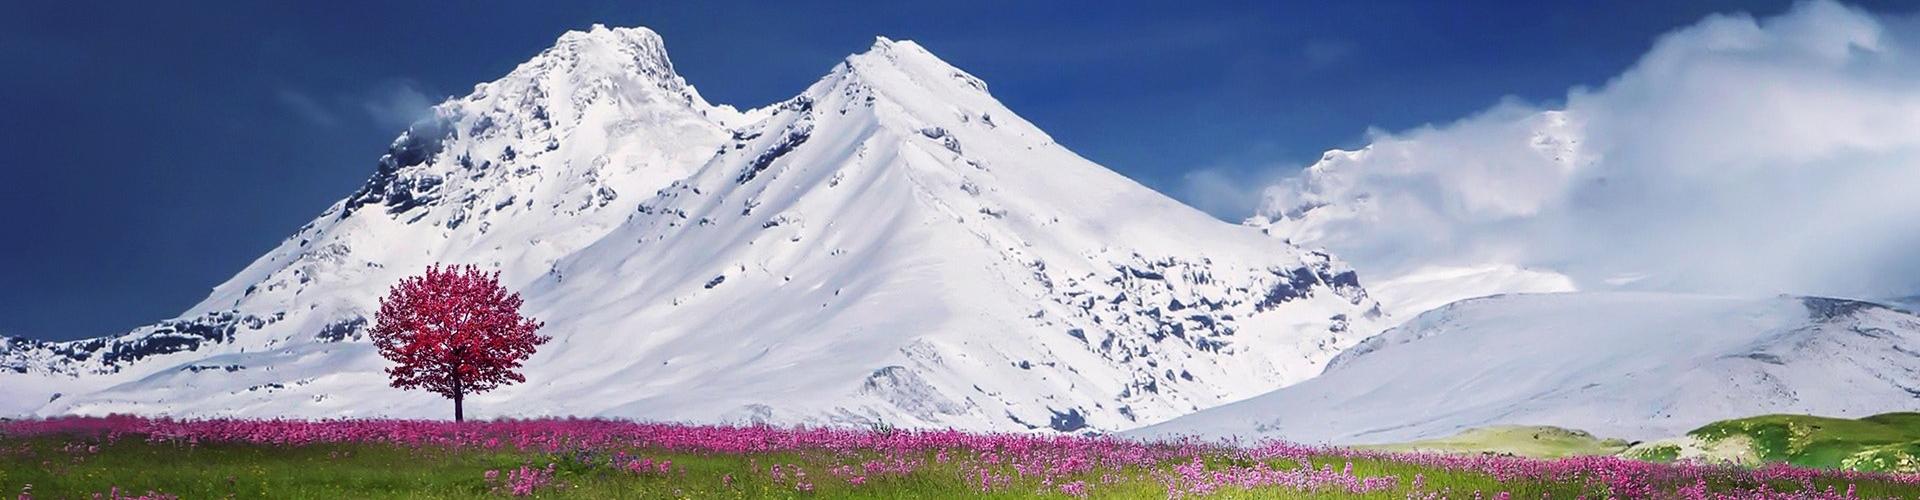 GoNomad - drumetii, trekking, hiking, alpinism, escalada si multe altele